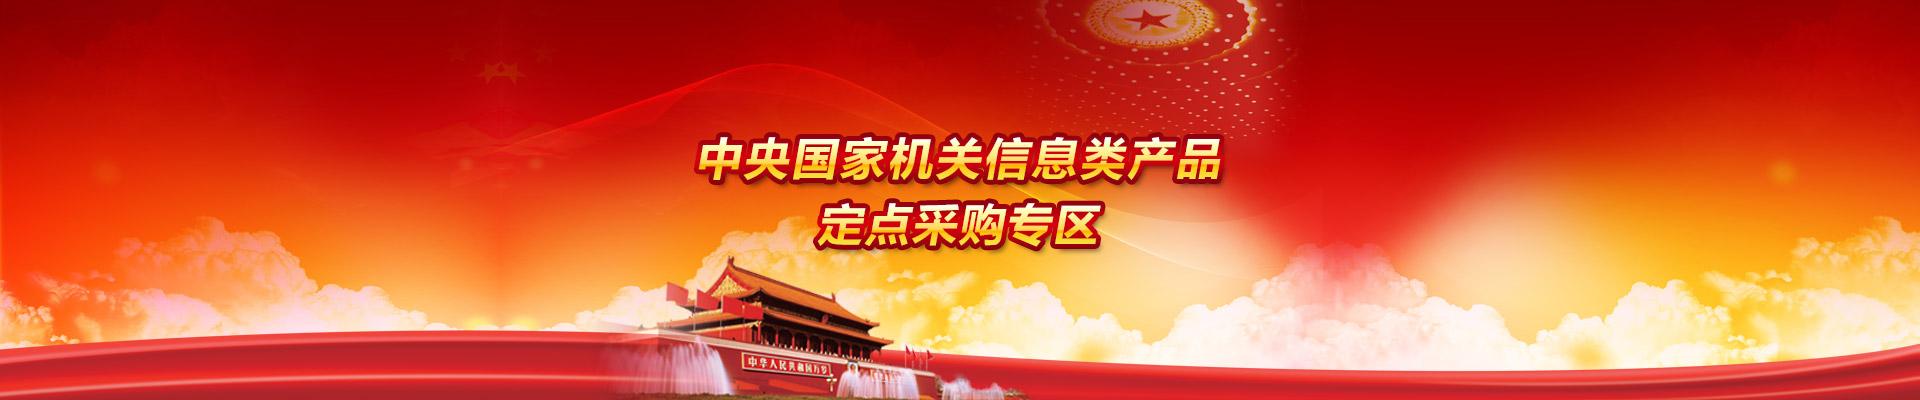 中央国家机关信息类产品定点采购专区